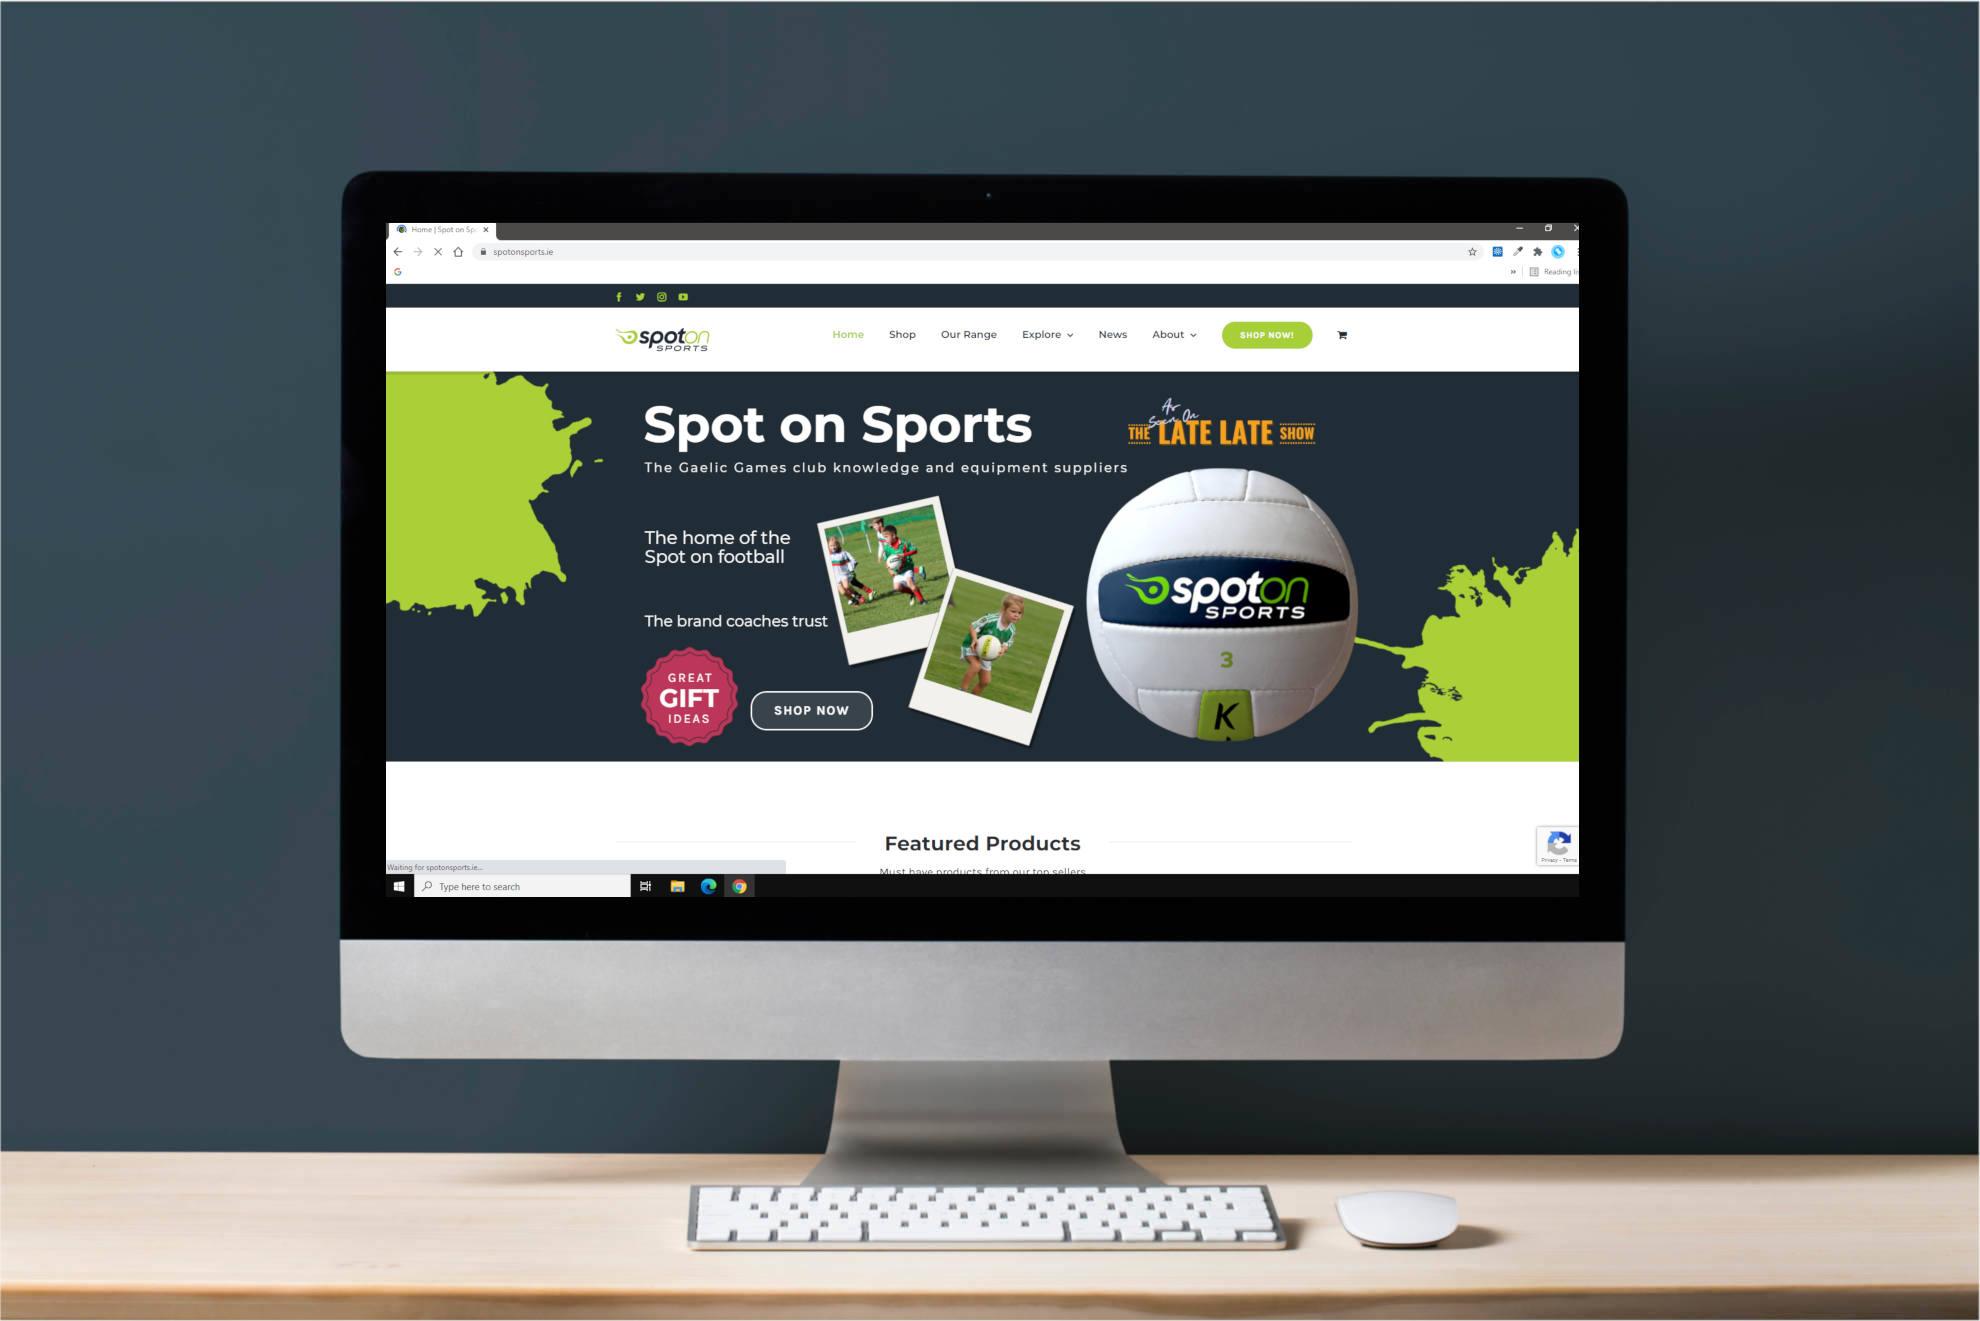 Spot on Sports Applejack Marketing